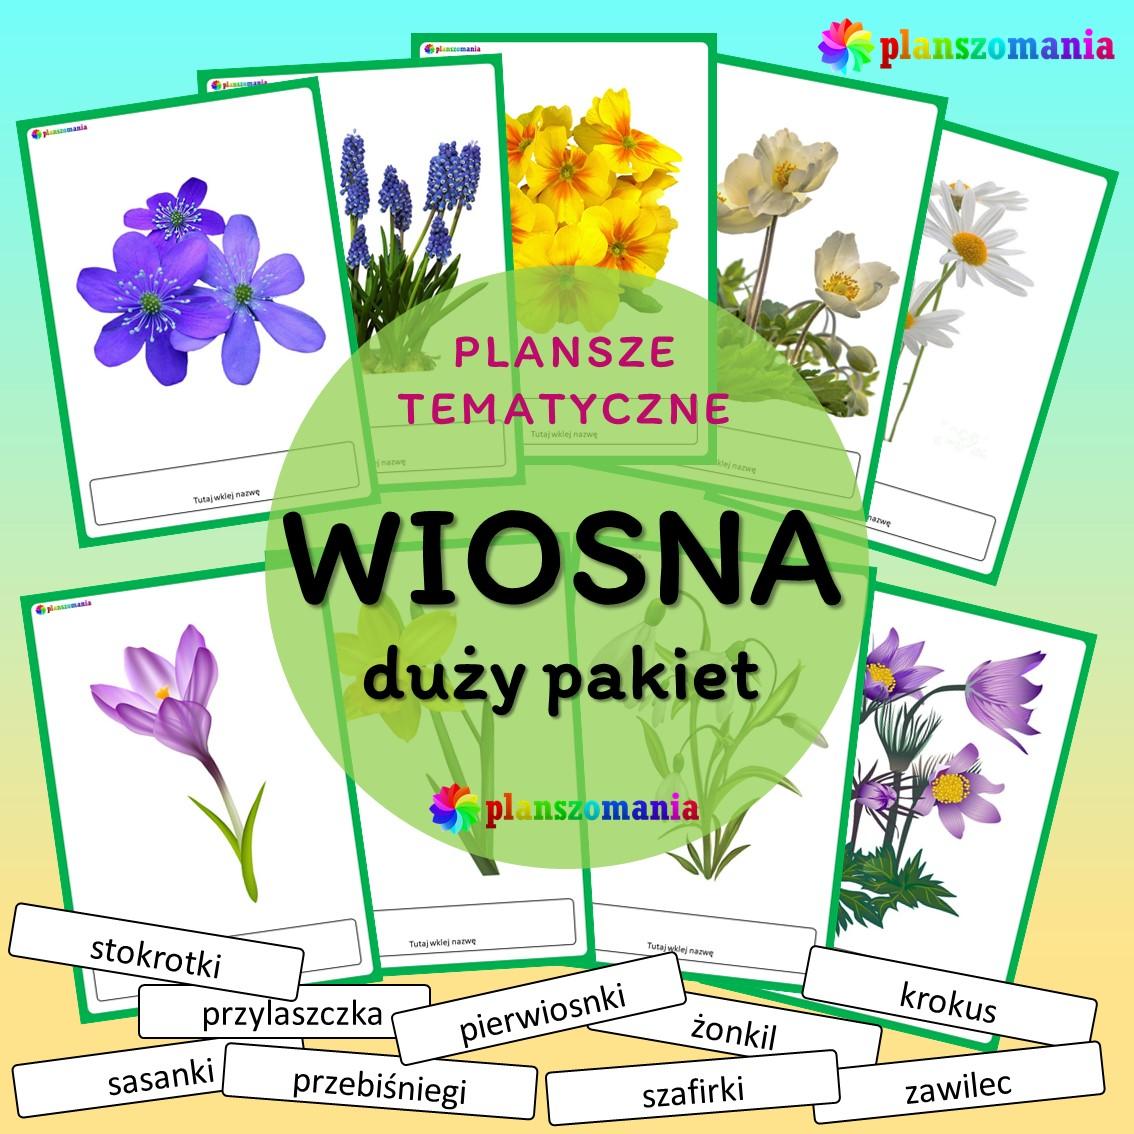 wiosna dużypakiet edukacyjny pdf do druku dla dzieci planszomania scenariusz zajęć edukacja wczesnoszkolna